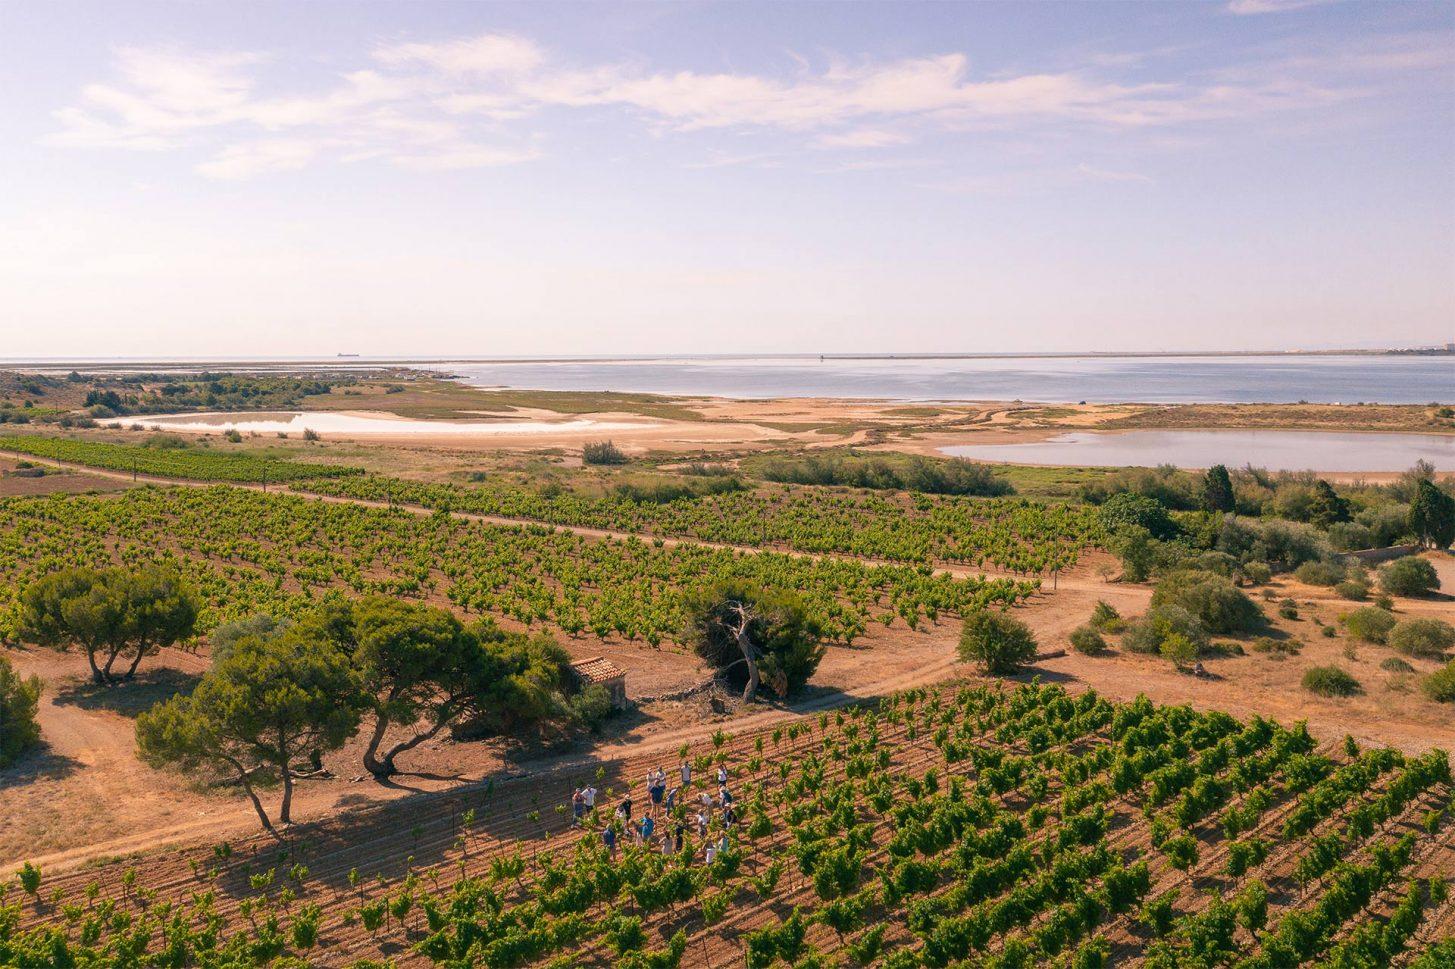 Balade et dégustations de vins dans les vignes à Gruissan ©Vincent Photographie - ADT de l'Aude